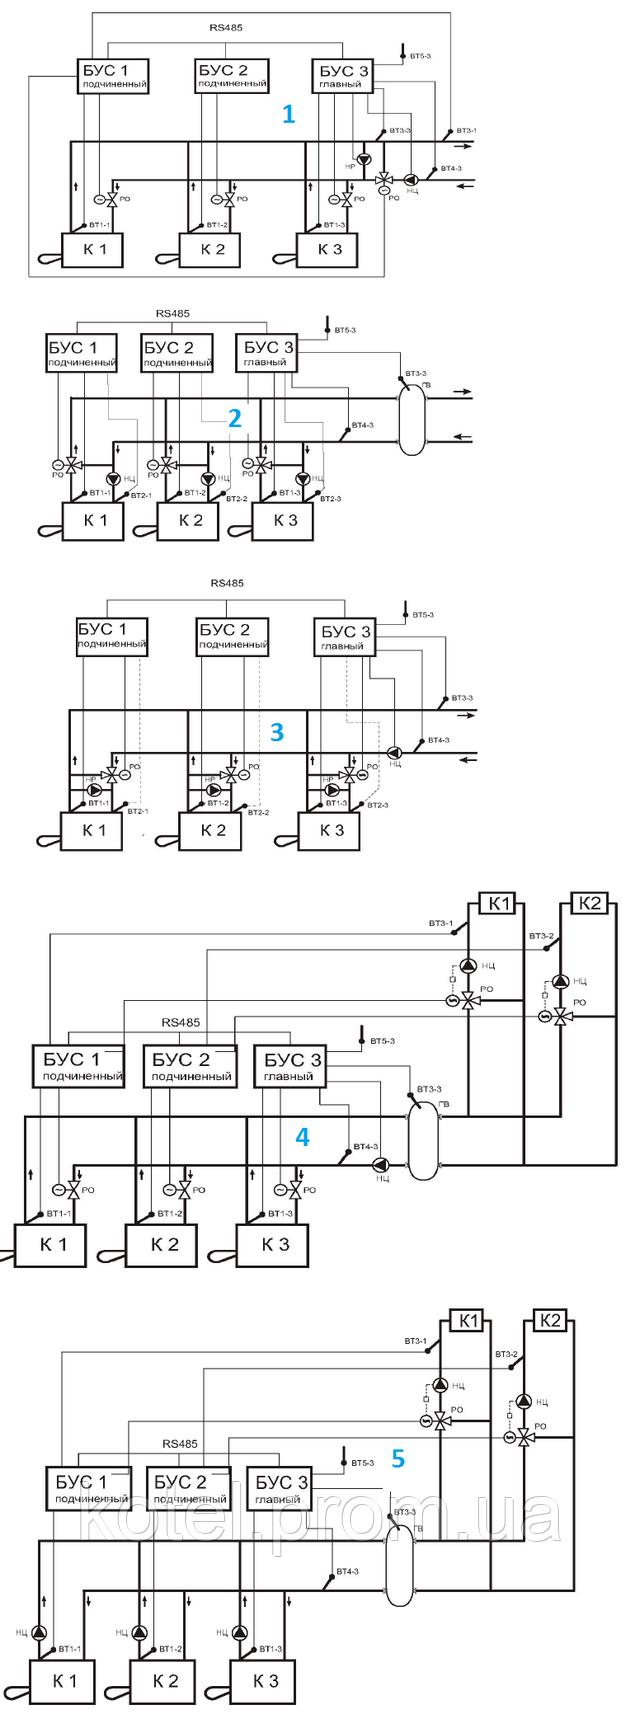 Каскадное управление жаротрубными водогрейными котлами Колви